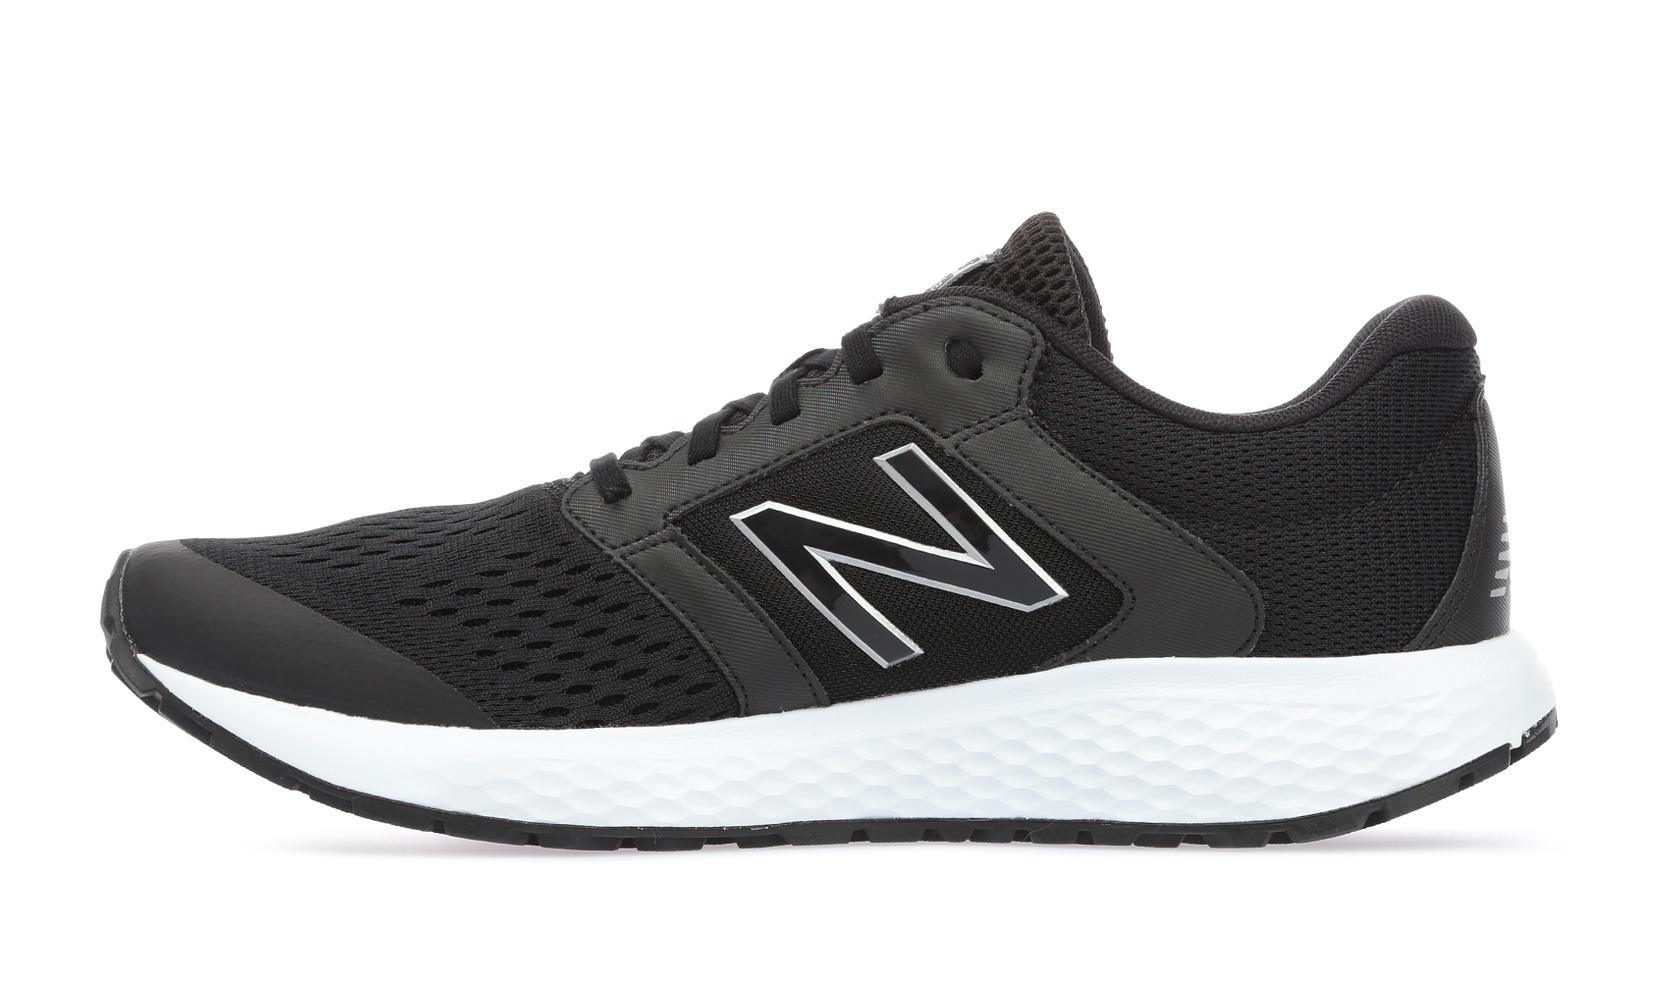 Чоловіче взуття для тренувань New Balance 520 v5 Comfort Ride M520LH5 | New Balance